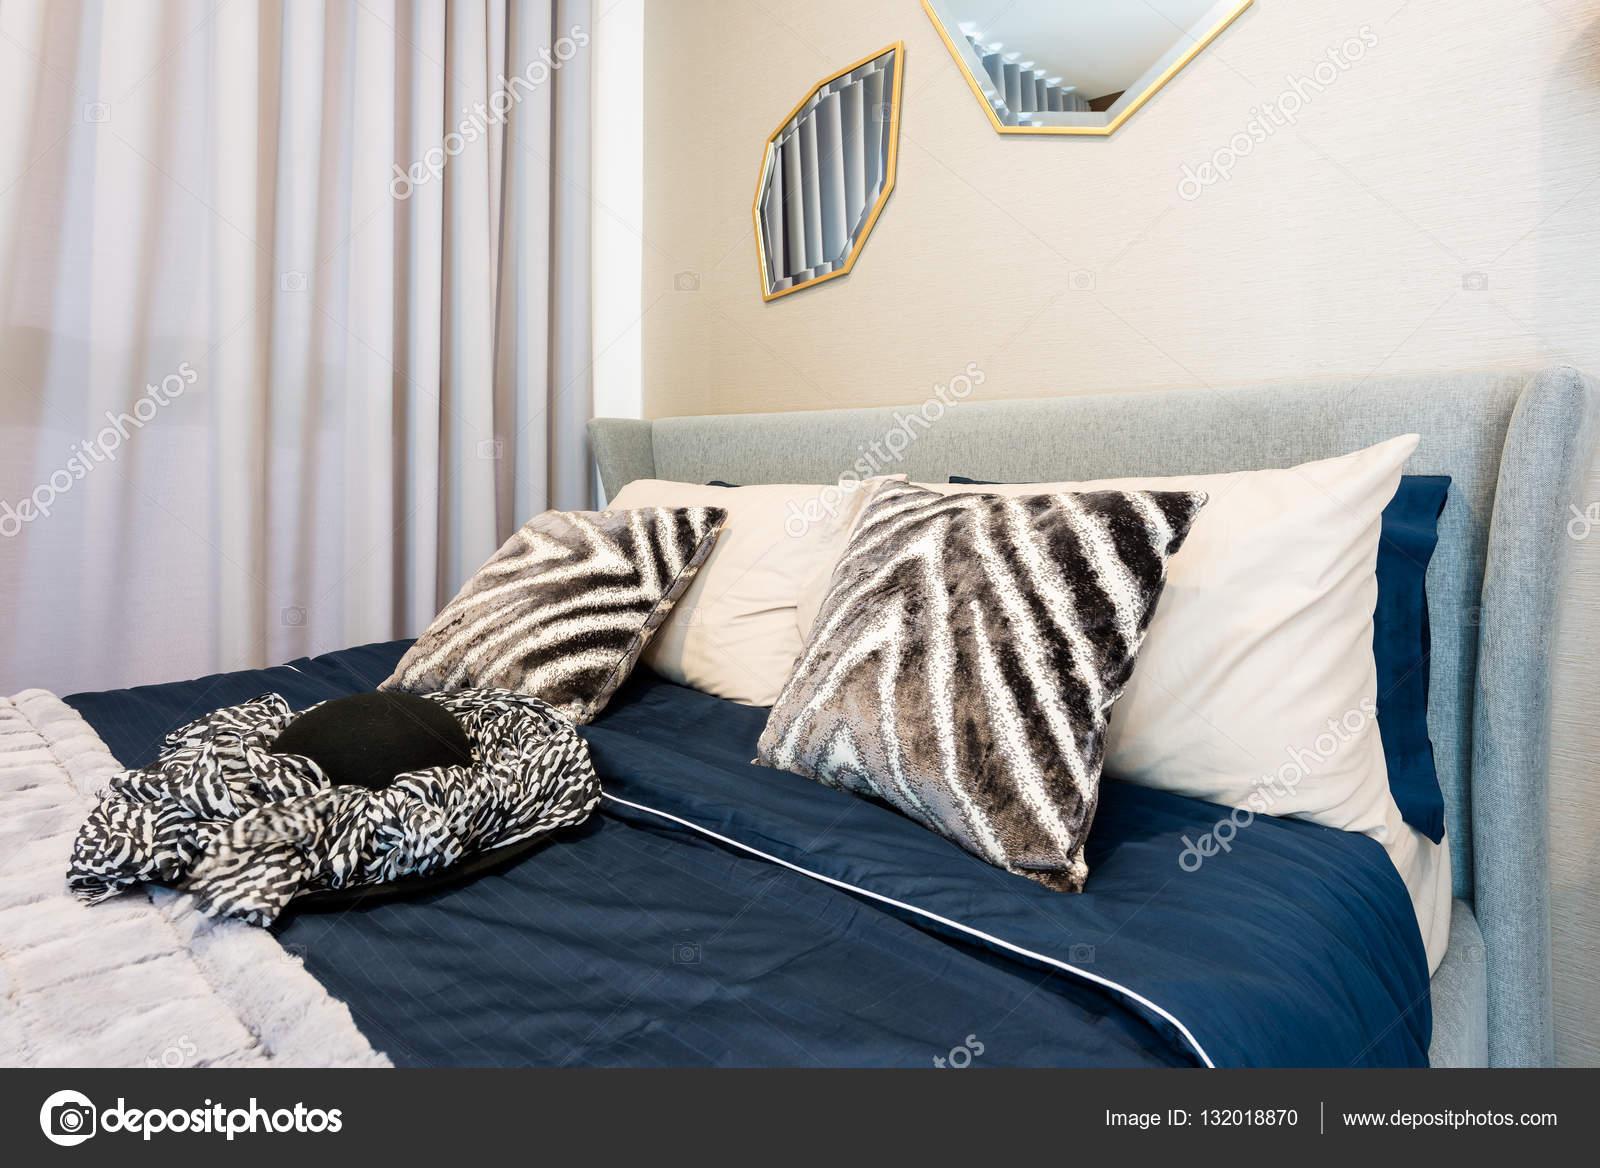 schlafzimmer innenraum mit bett und kissen fur gemutliches zuhause in modernen desi stockfoto